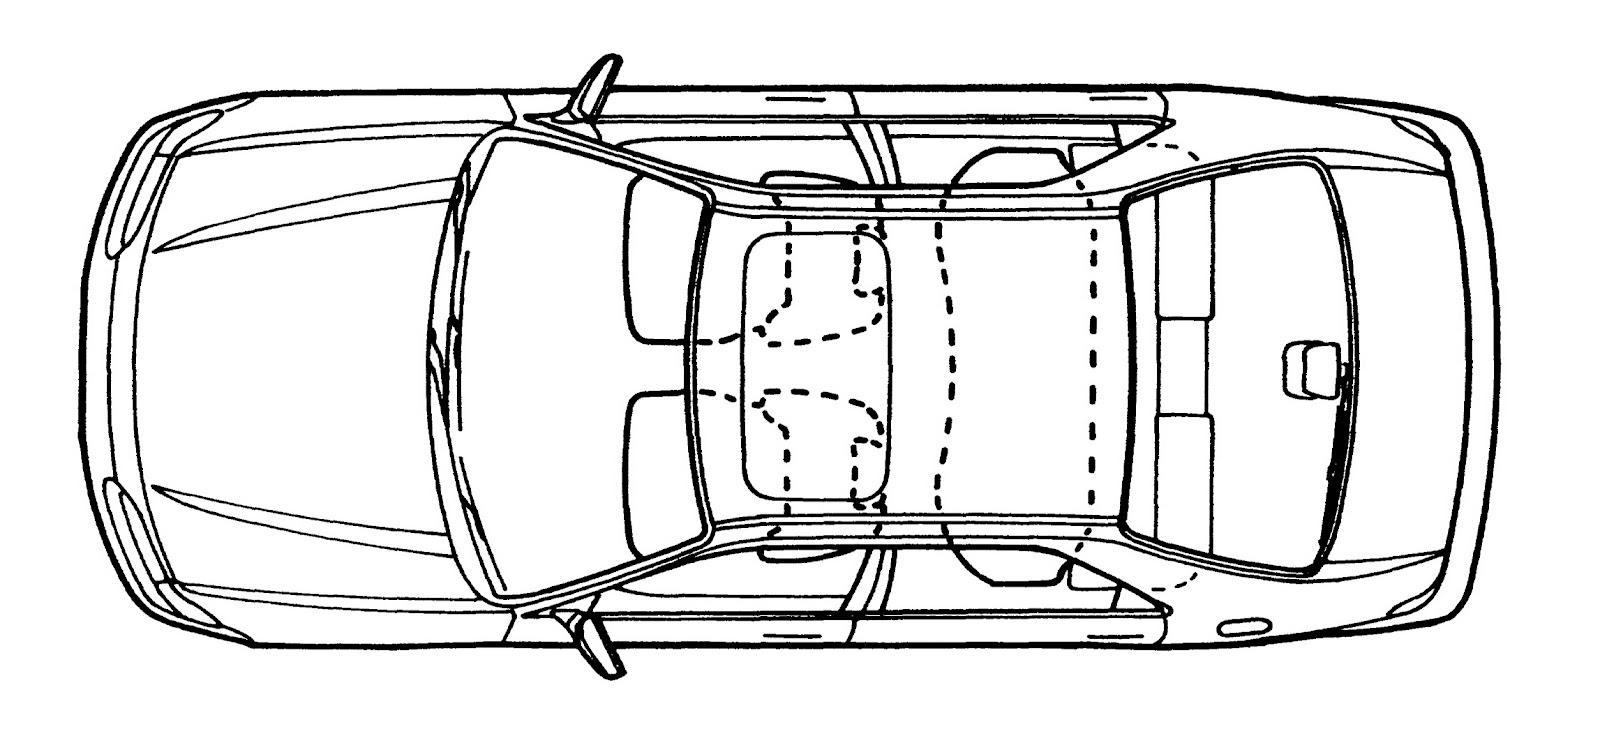 30 Trend Terbaru Gambar Sketsa Mobil Balap Asiabateav